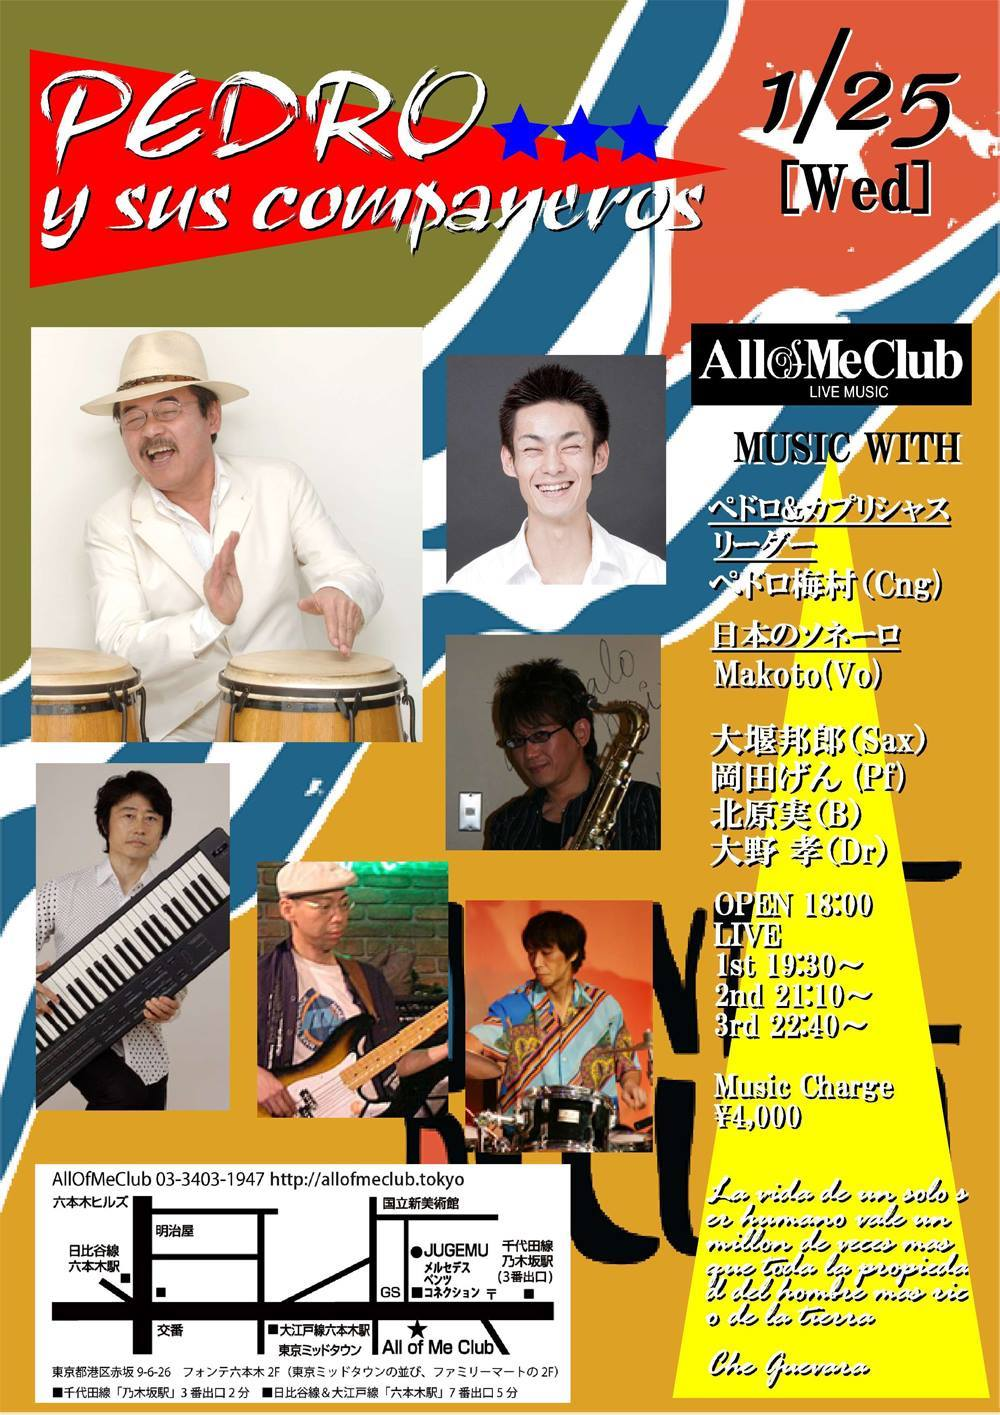 ペドロ梅村さんの笑顔 #東京 #六本木 #allofmeclub #ペドロ梅村 #キューバ音楽 #コンガ (1月詳細追記しました。)_a0103940_02480319.jpg